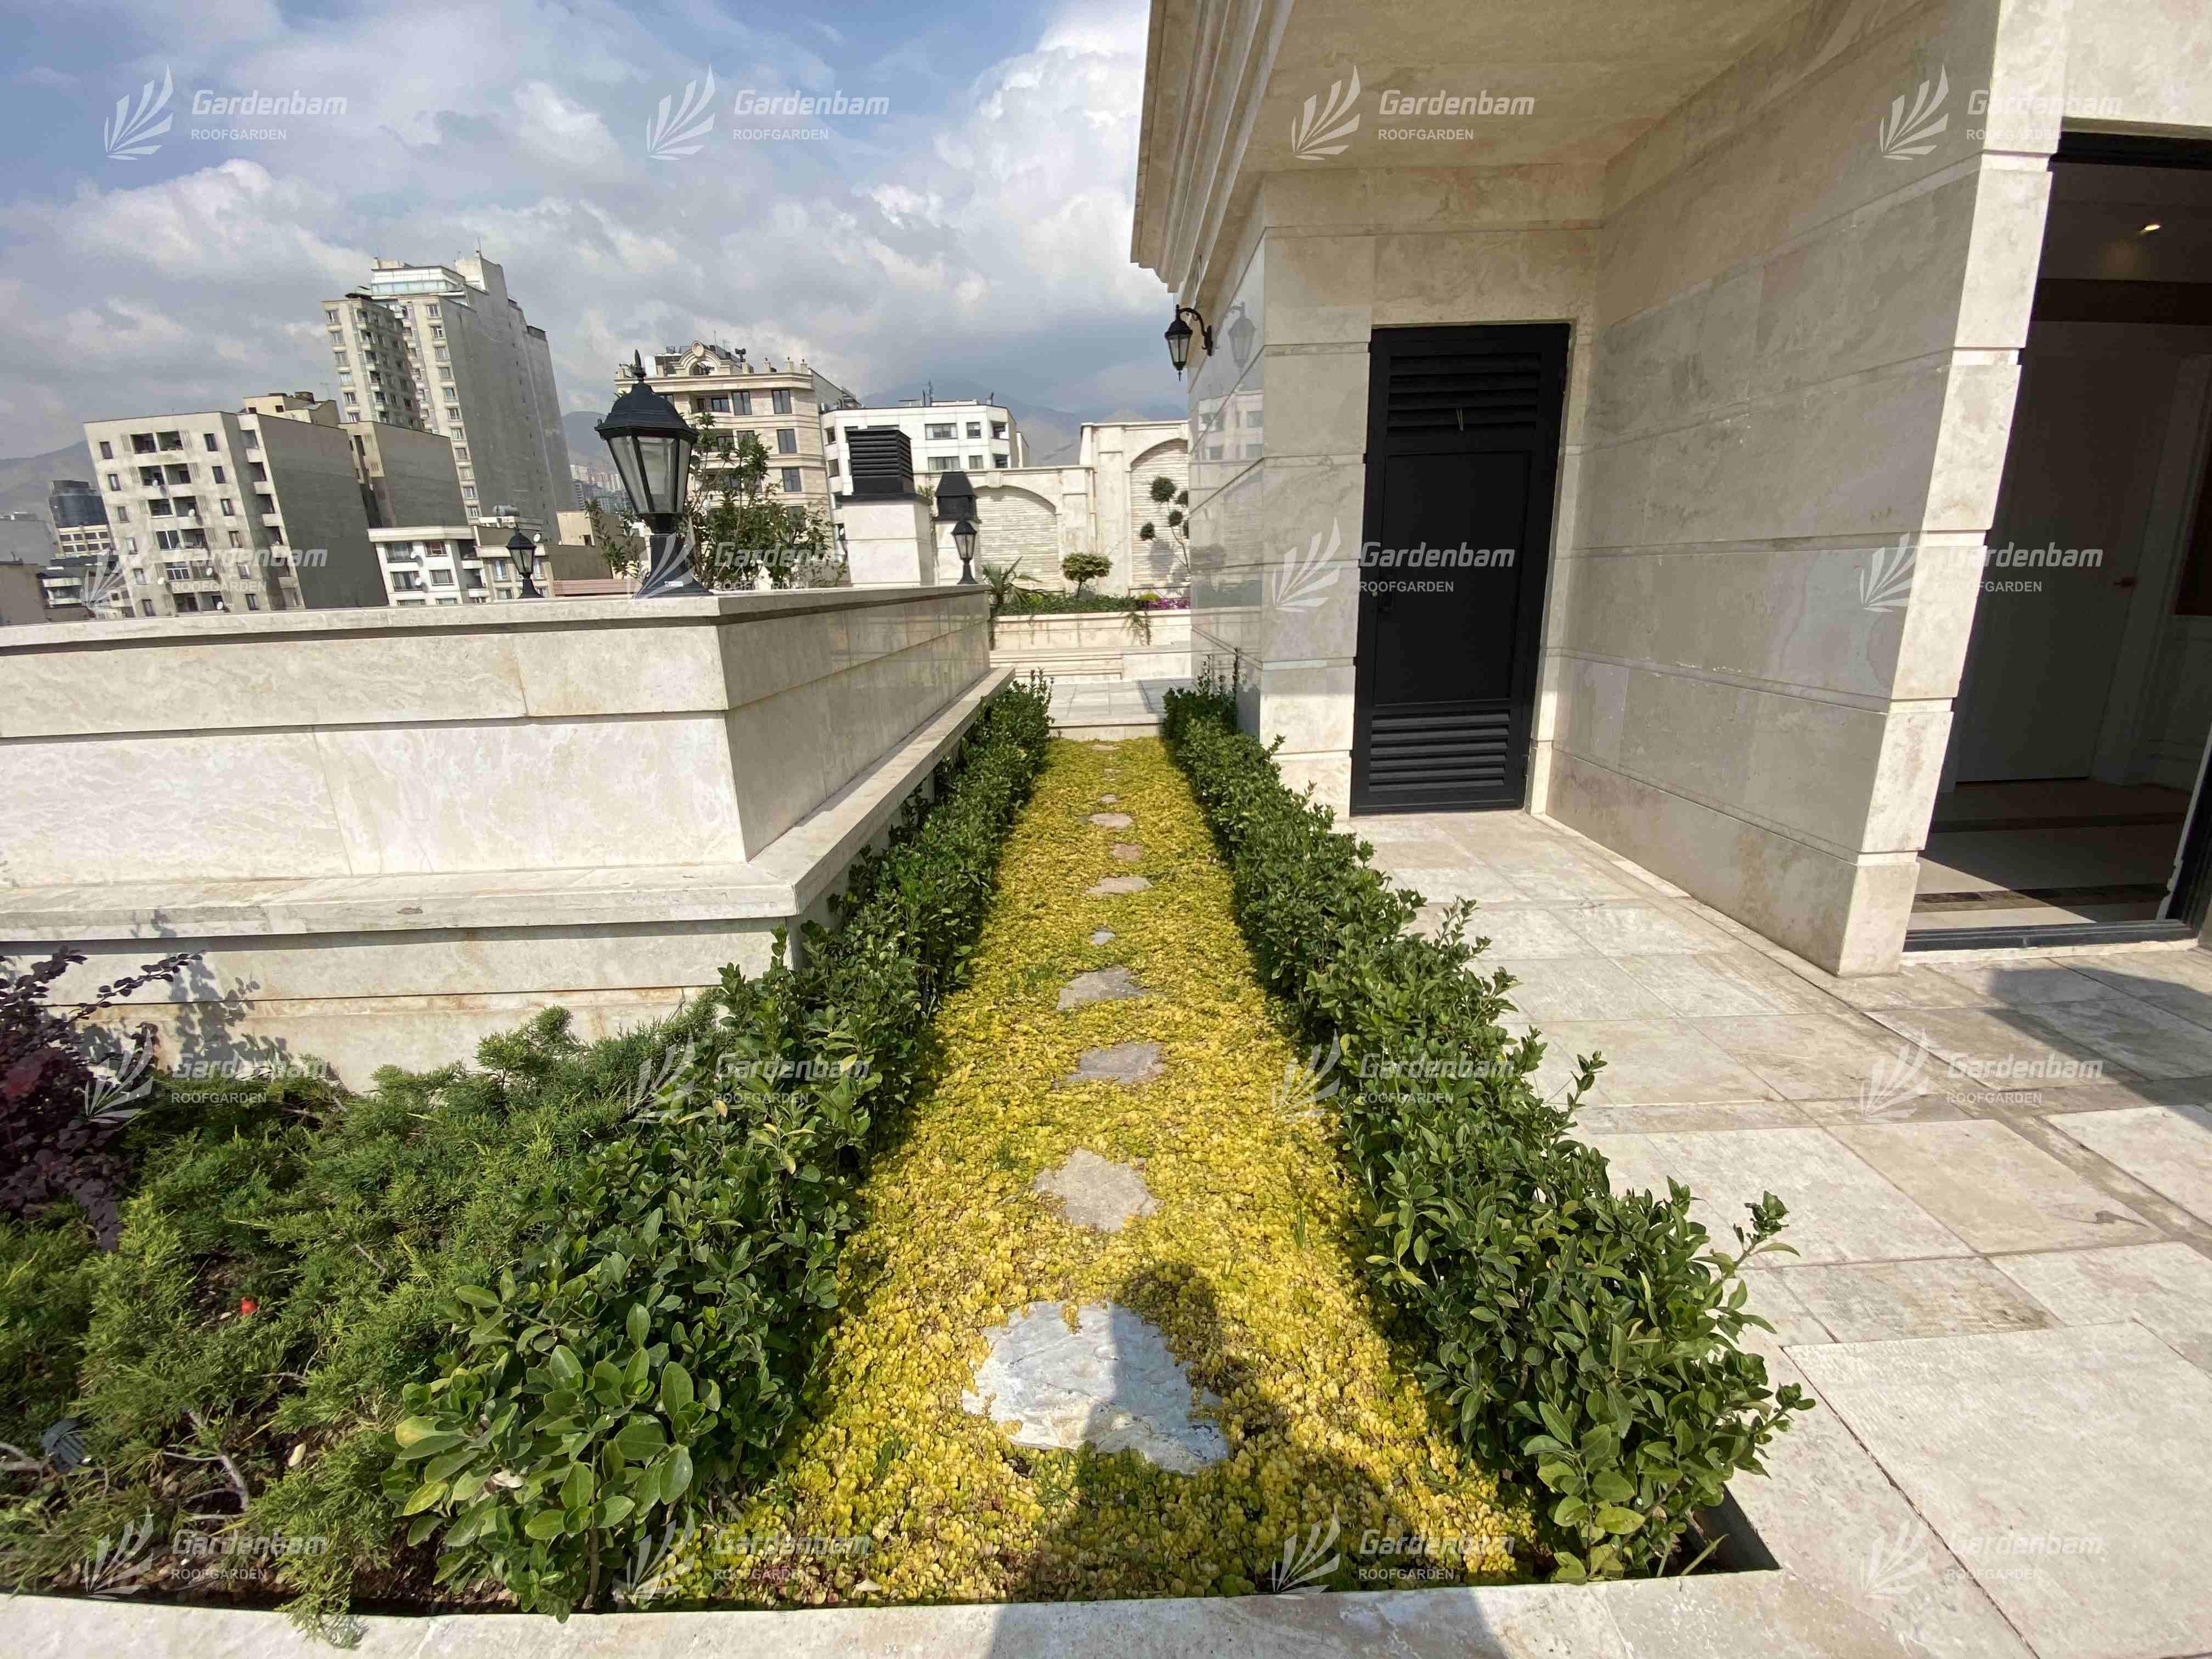 طراحی و اجرای روف گاردن  بام سبز شرکت گاردن بام- پروژه سعادت آباد